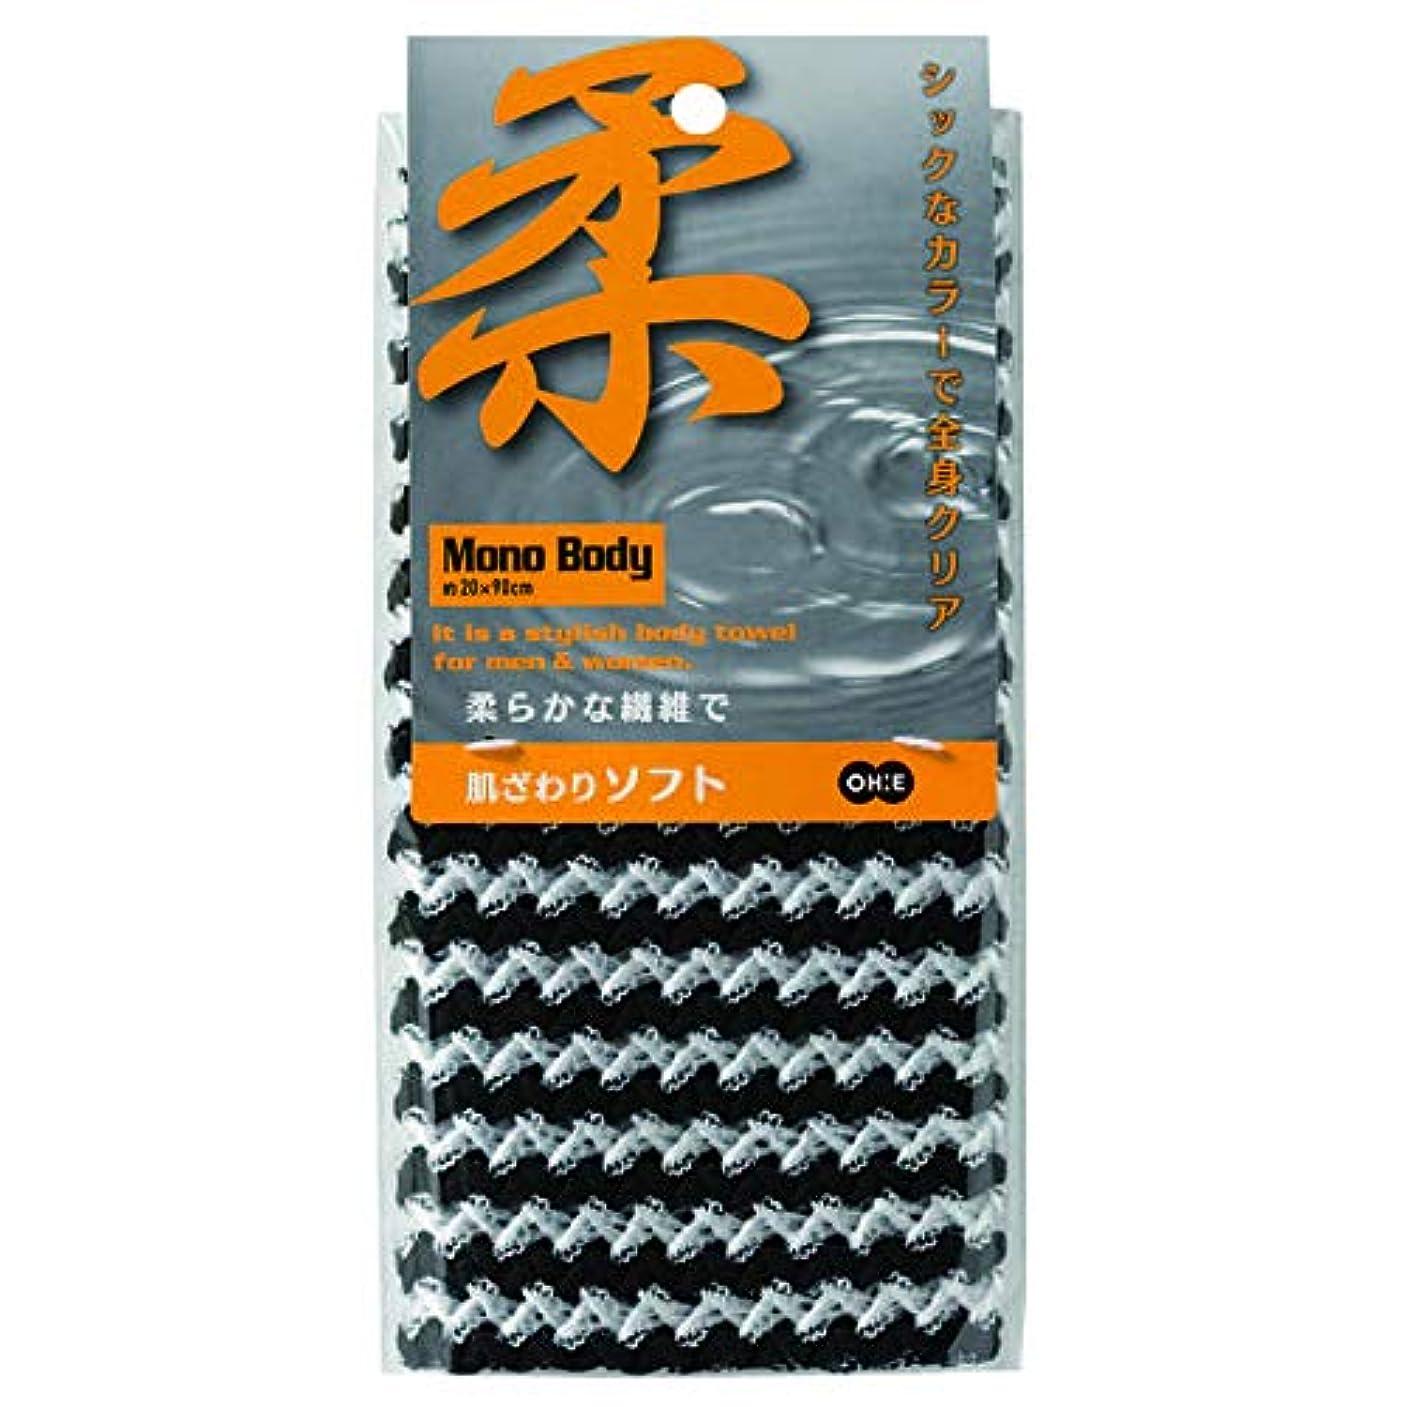 オーナメントファン細心のオーエ ボディタオル 白 黒 約幅20×長さ90cm MB 柔 ソフトバブル 体洗い 日本製